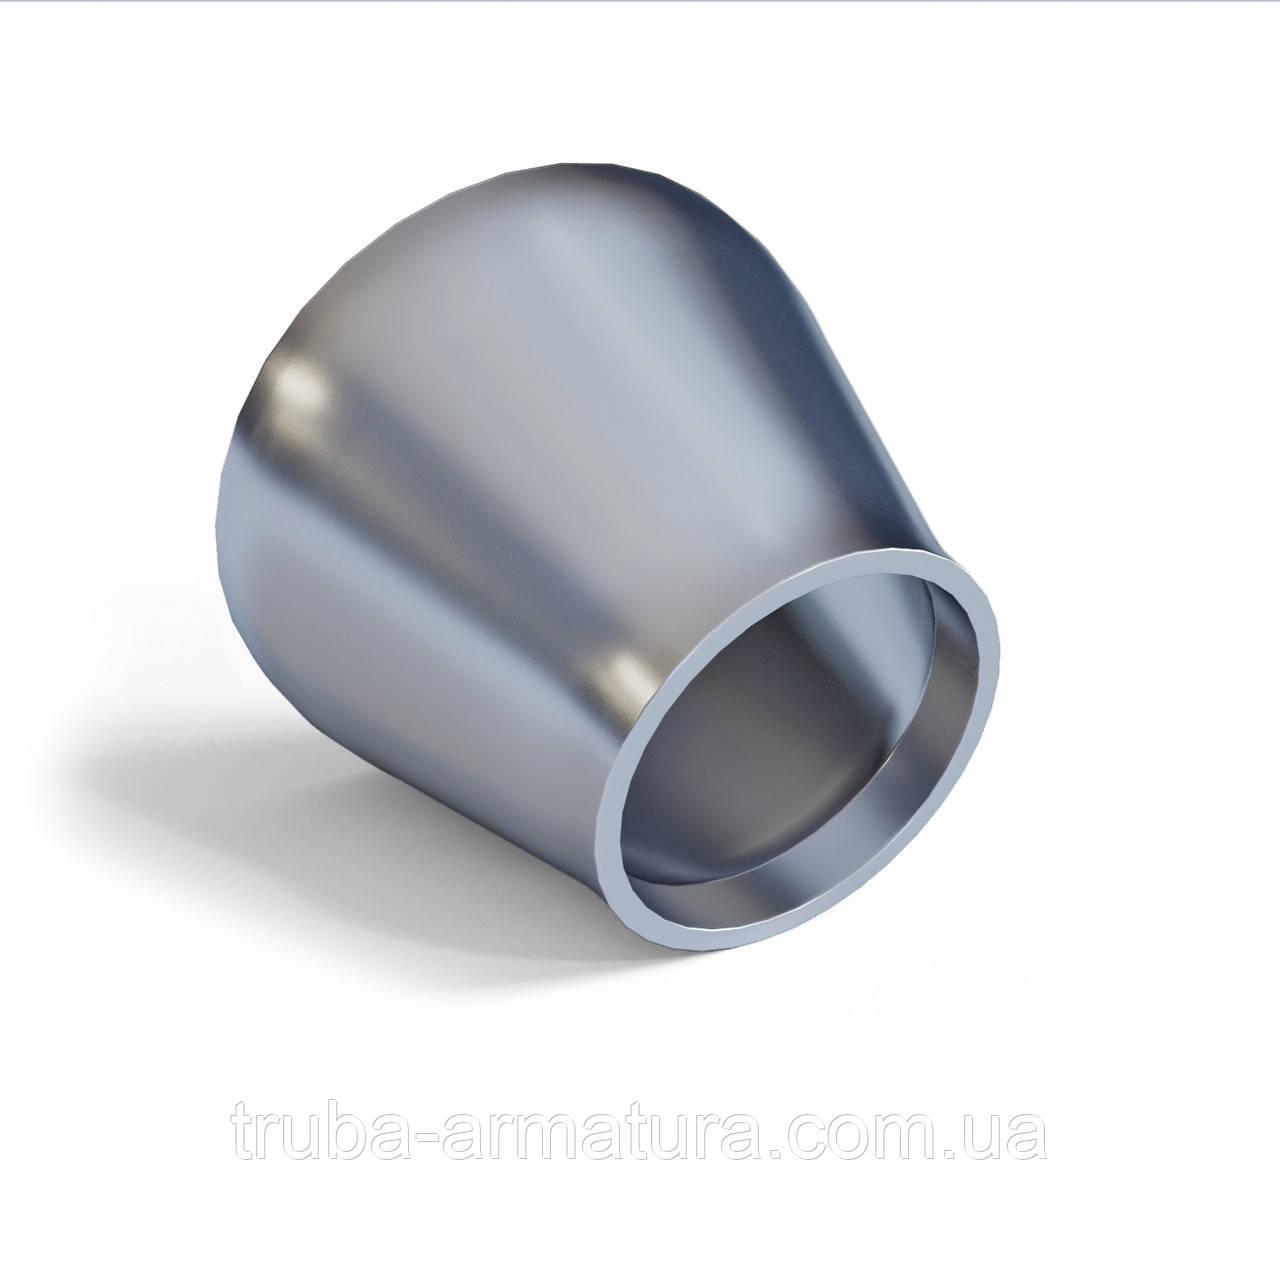 Перехід оцинкований сталевий для труб 76x42 (65x32)